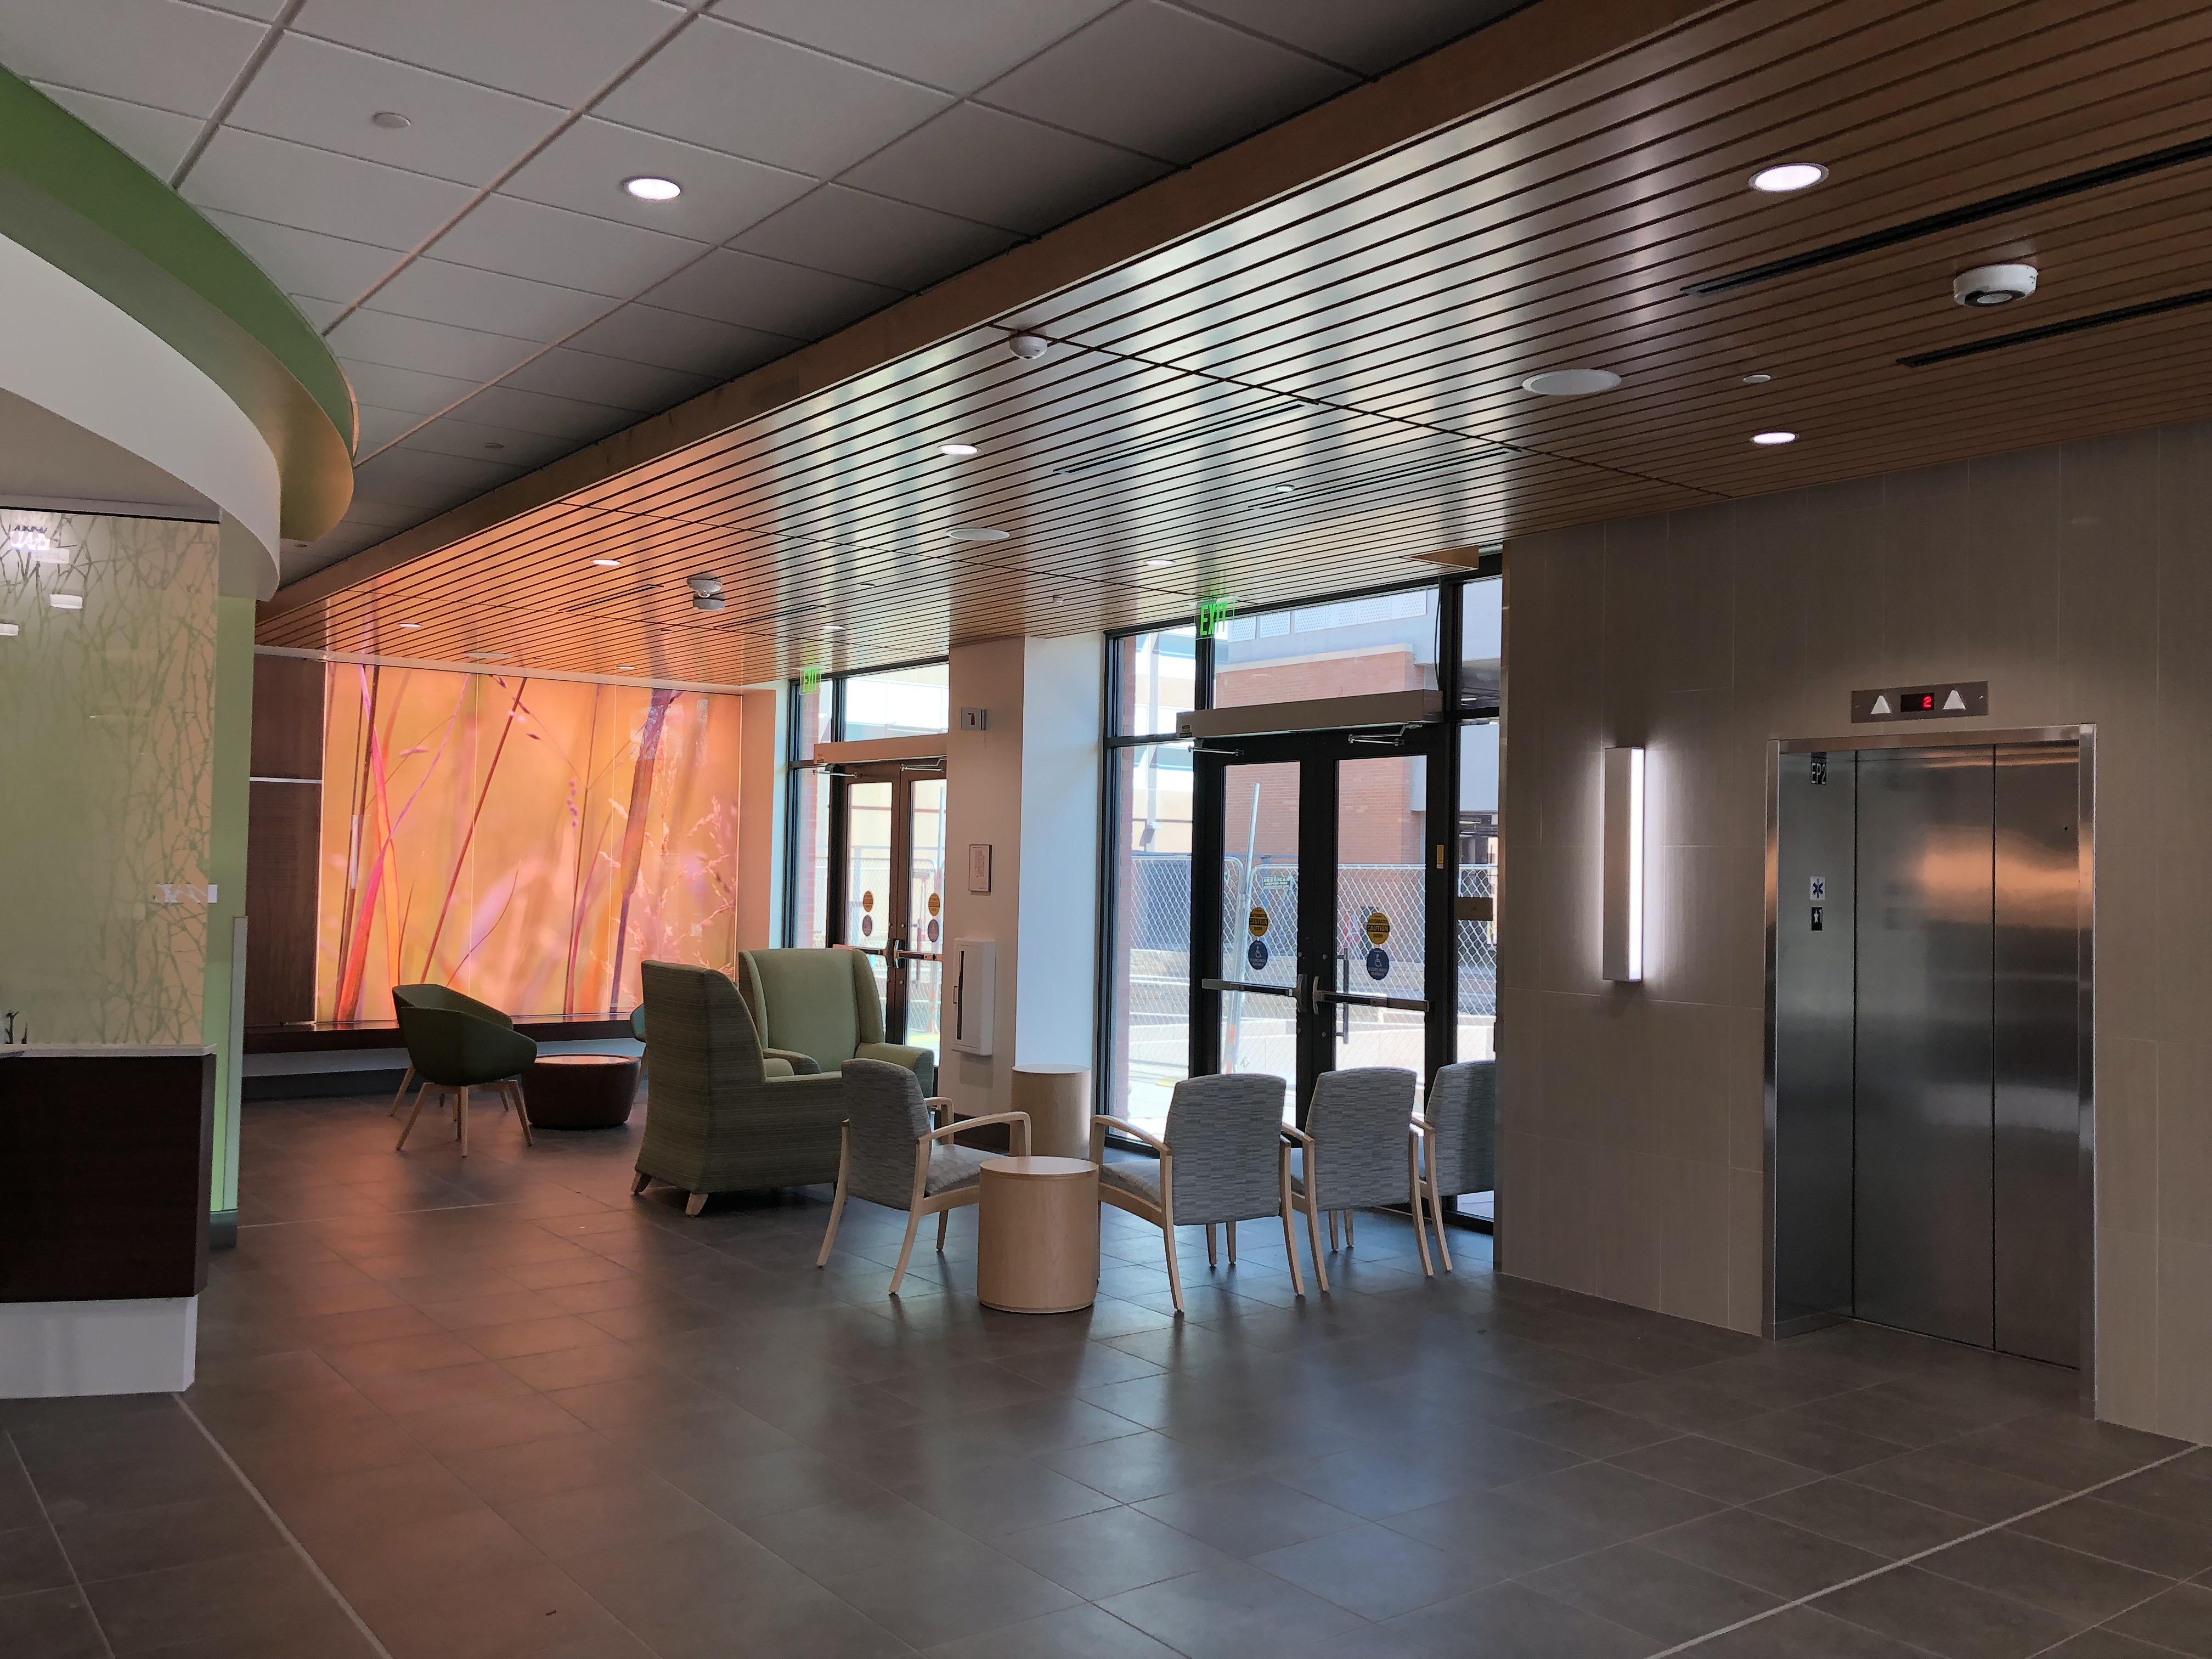 Riverbend Medical Office Building